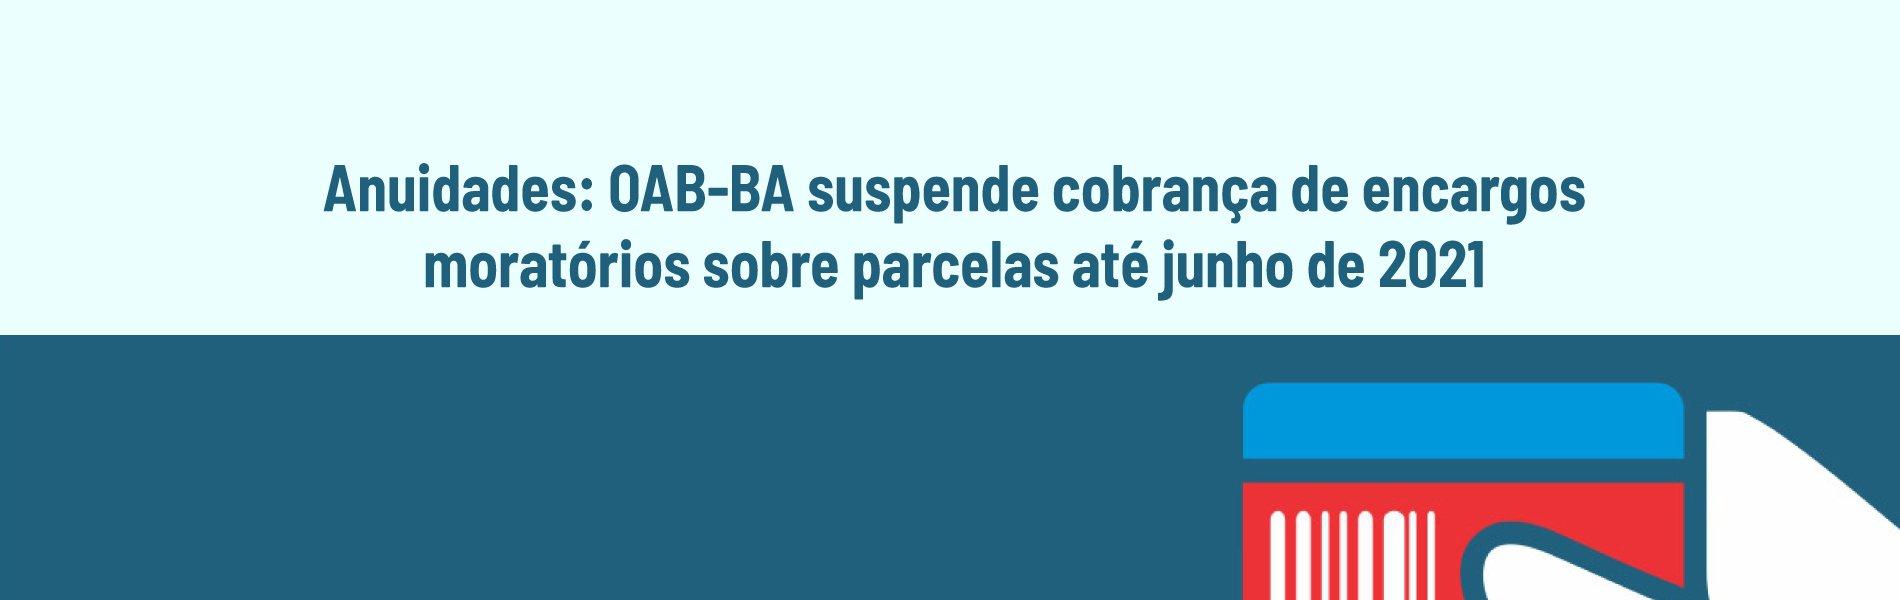 [Anuidades: OAB-BA suspende cobrança de encargos moratórios sobre parcelas até junho de 2021]